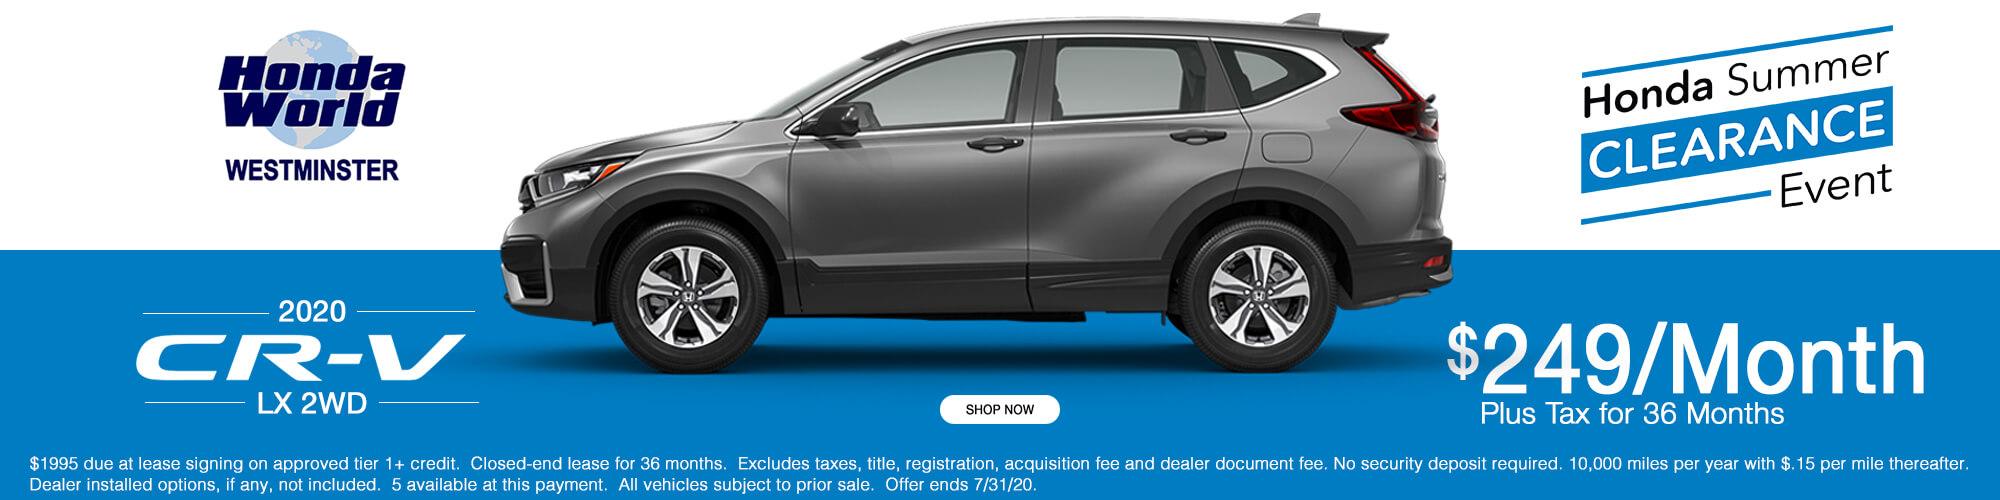 2020 Honda CR-V LX Lease Offer $249 a month